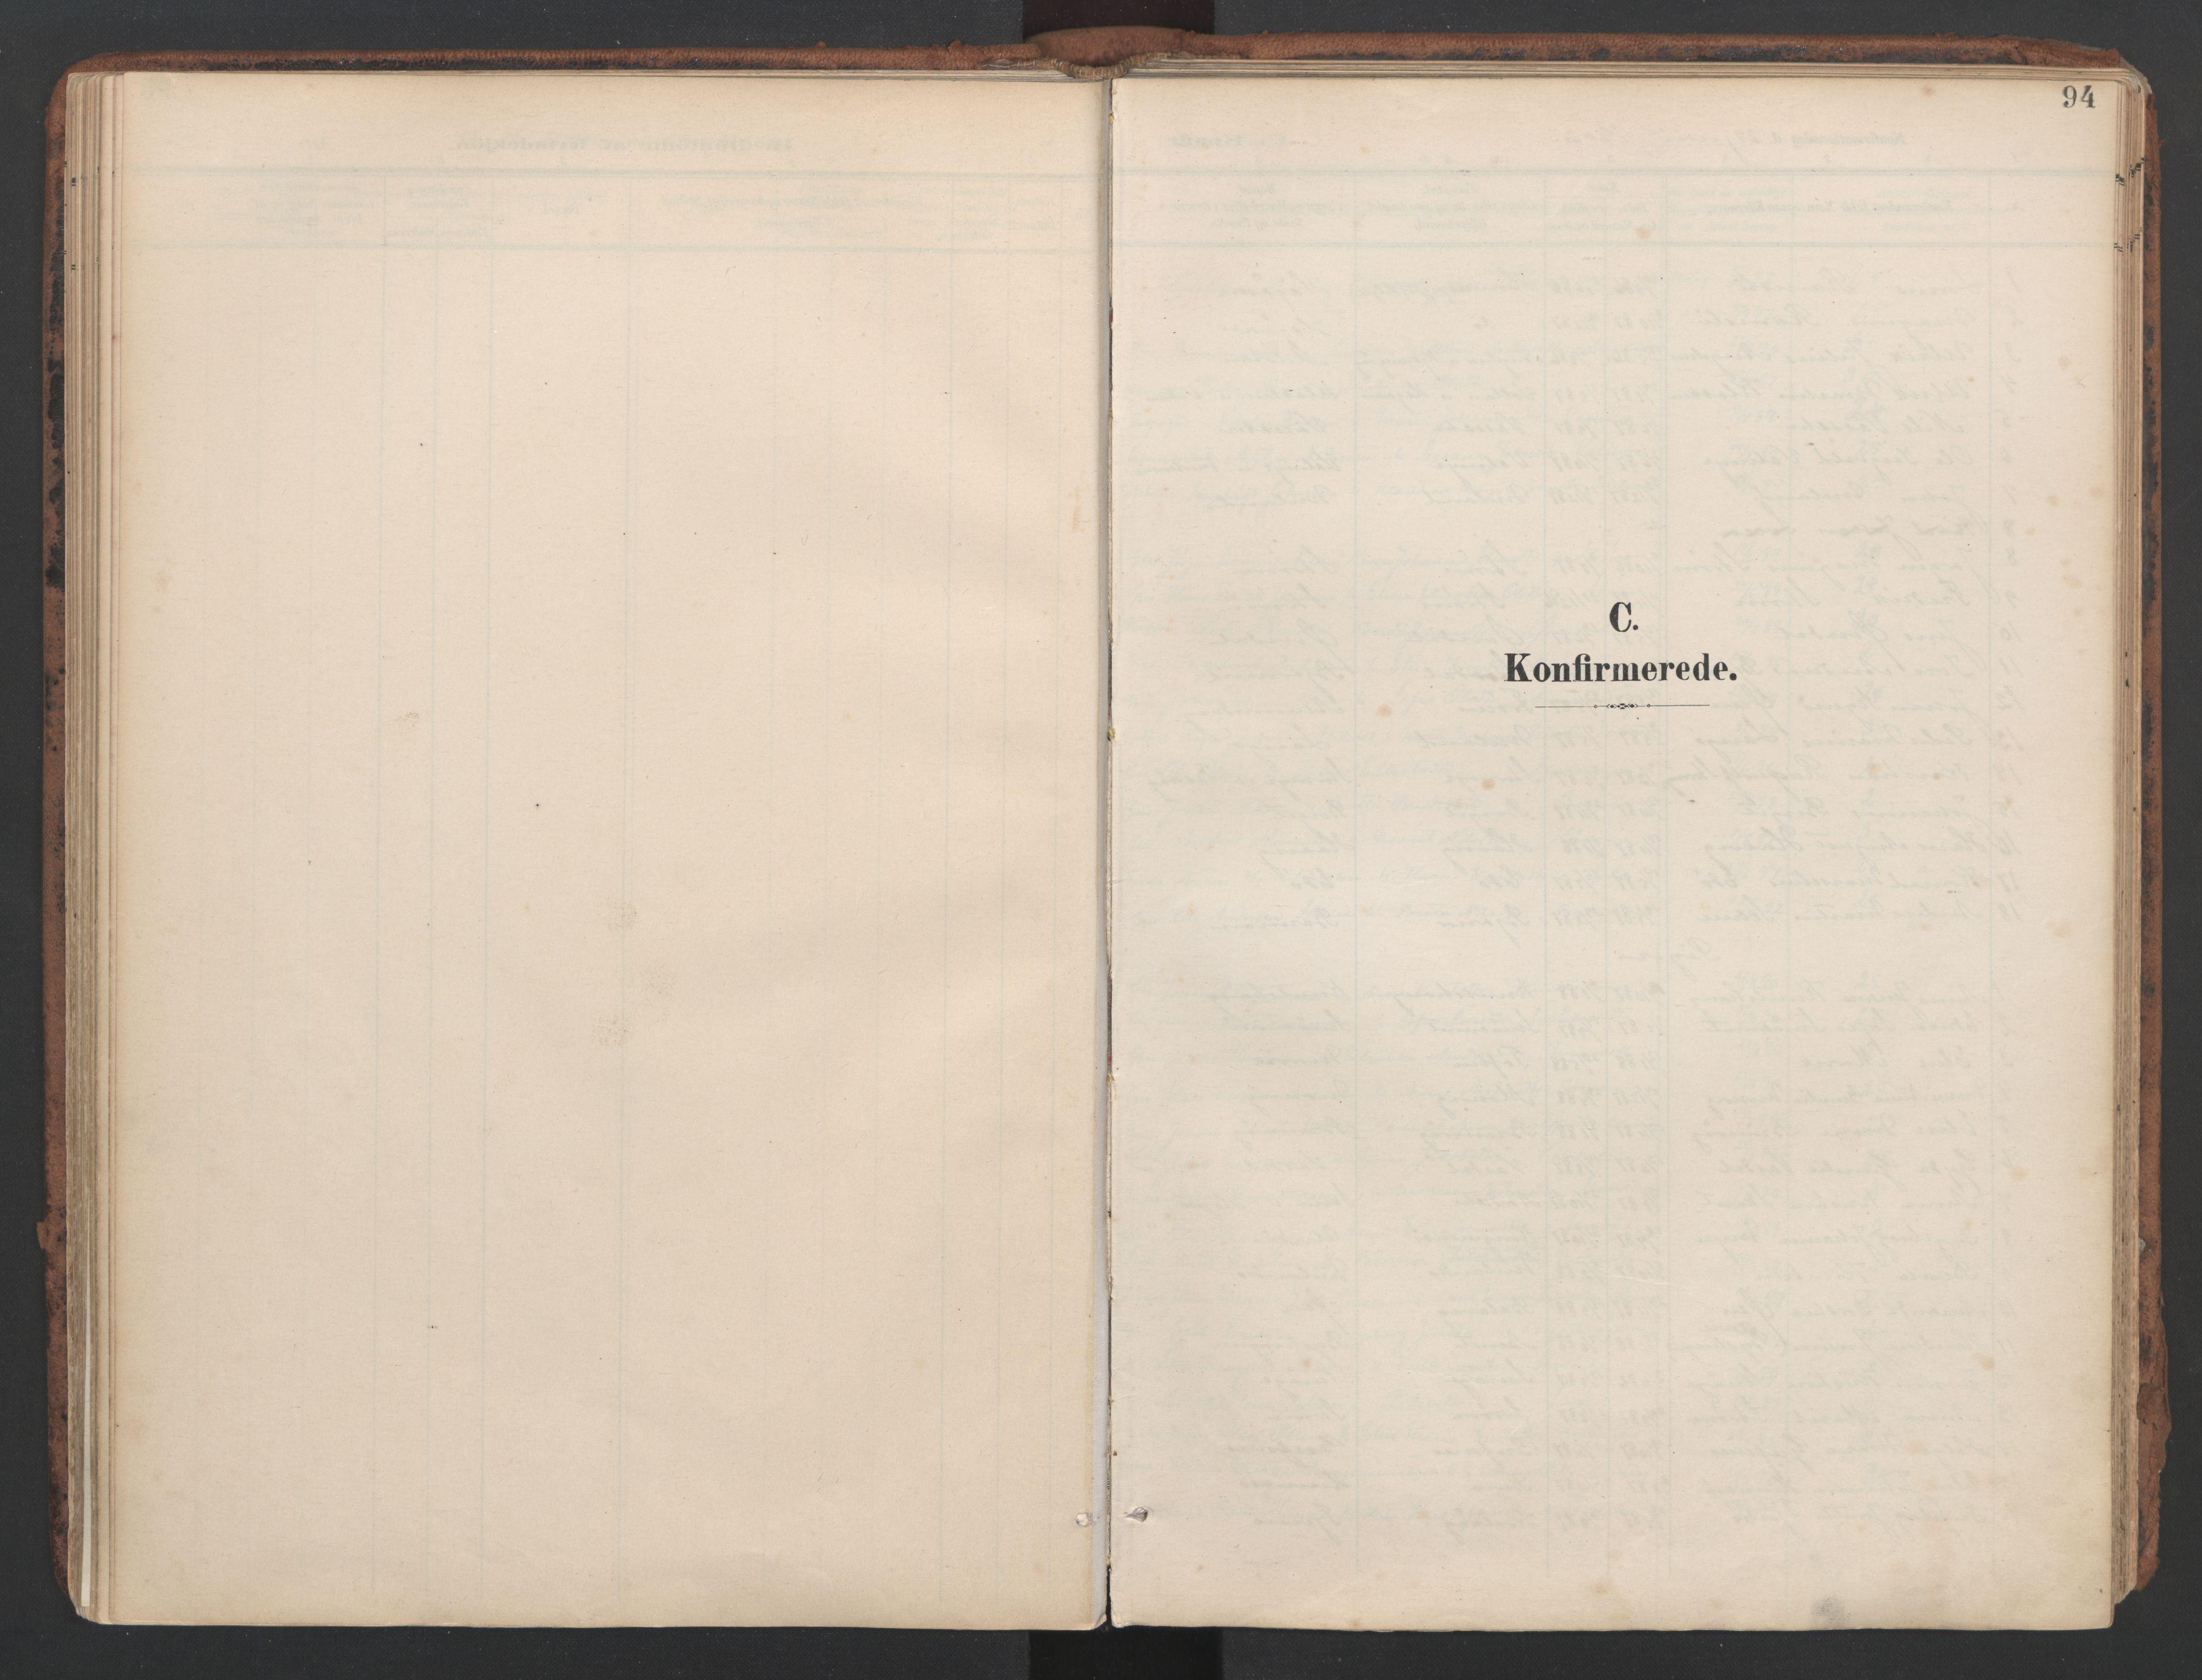 SAT, Ministerialprotokoller, klokkerbøker og fødselsregistre - Sør-Trøndelag, 634/L0537: Ministerialbok nr. 634A13, 1896-1922, s. 94